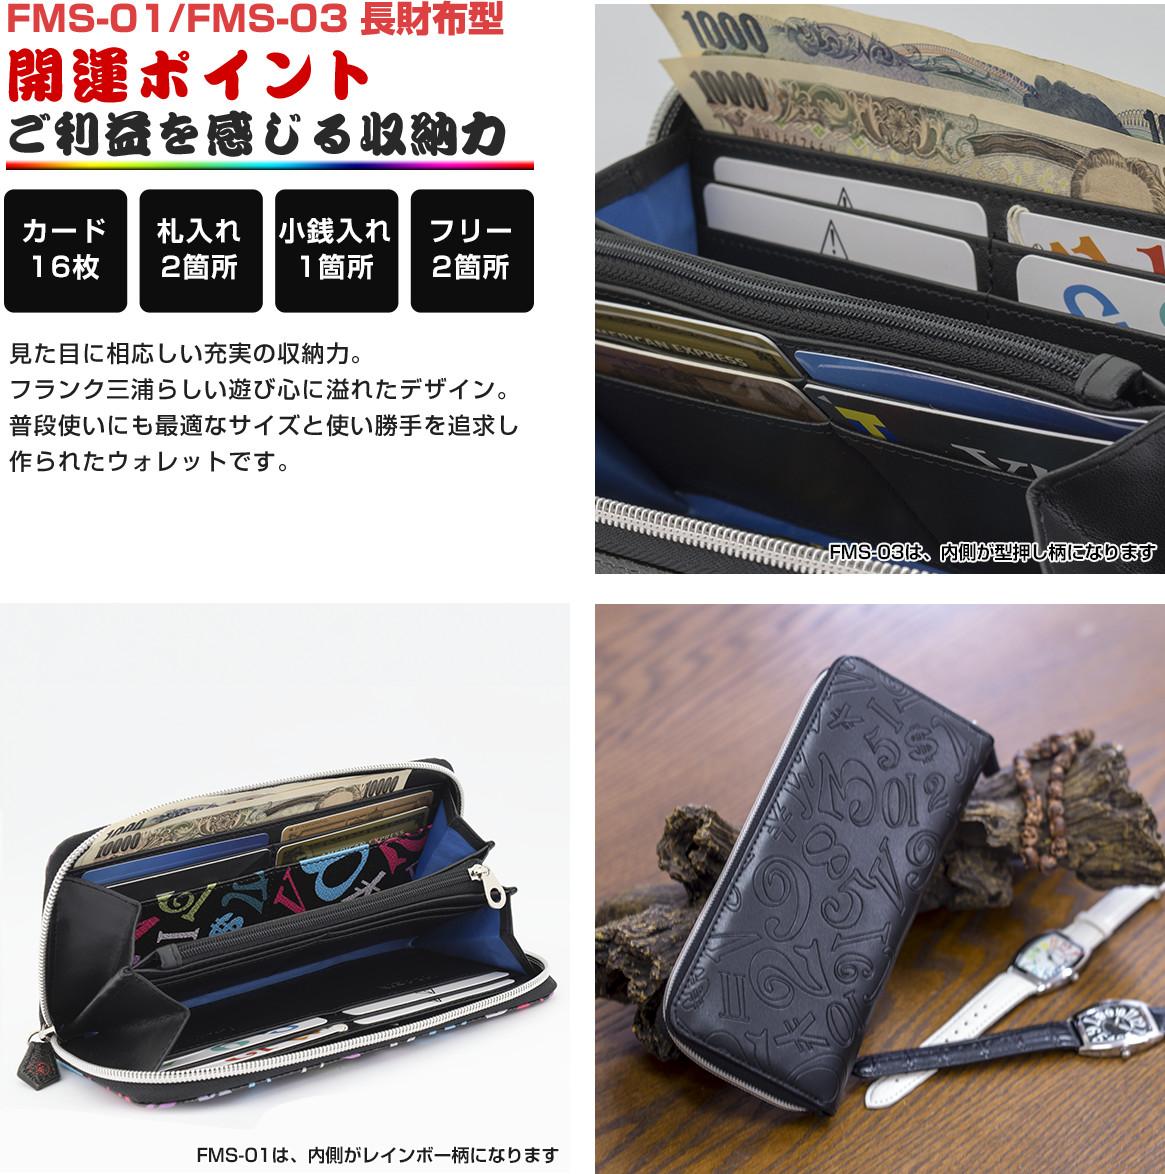 [フランク三浦] FMS03-W 奇跡の財布 メンズ レディース